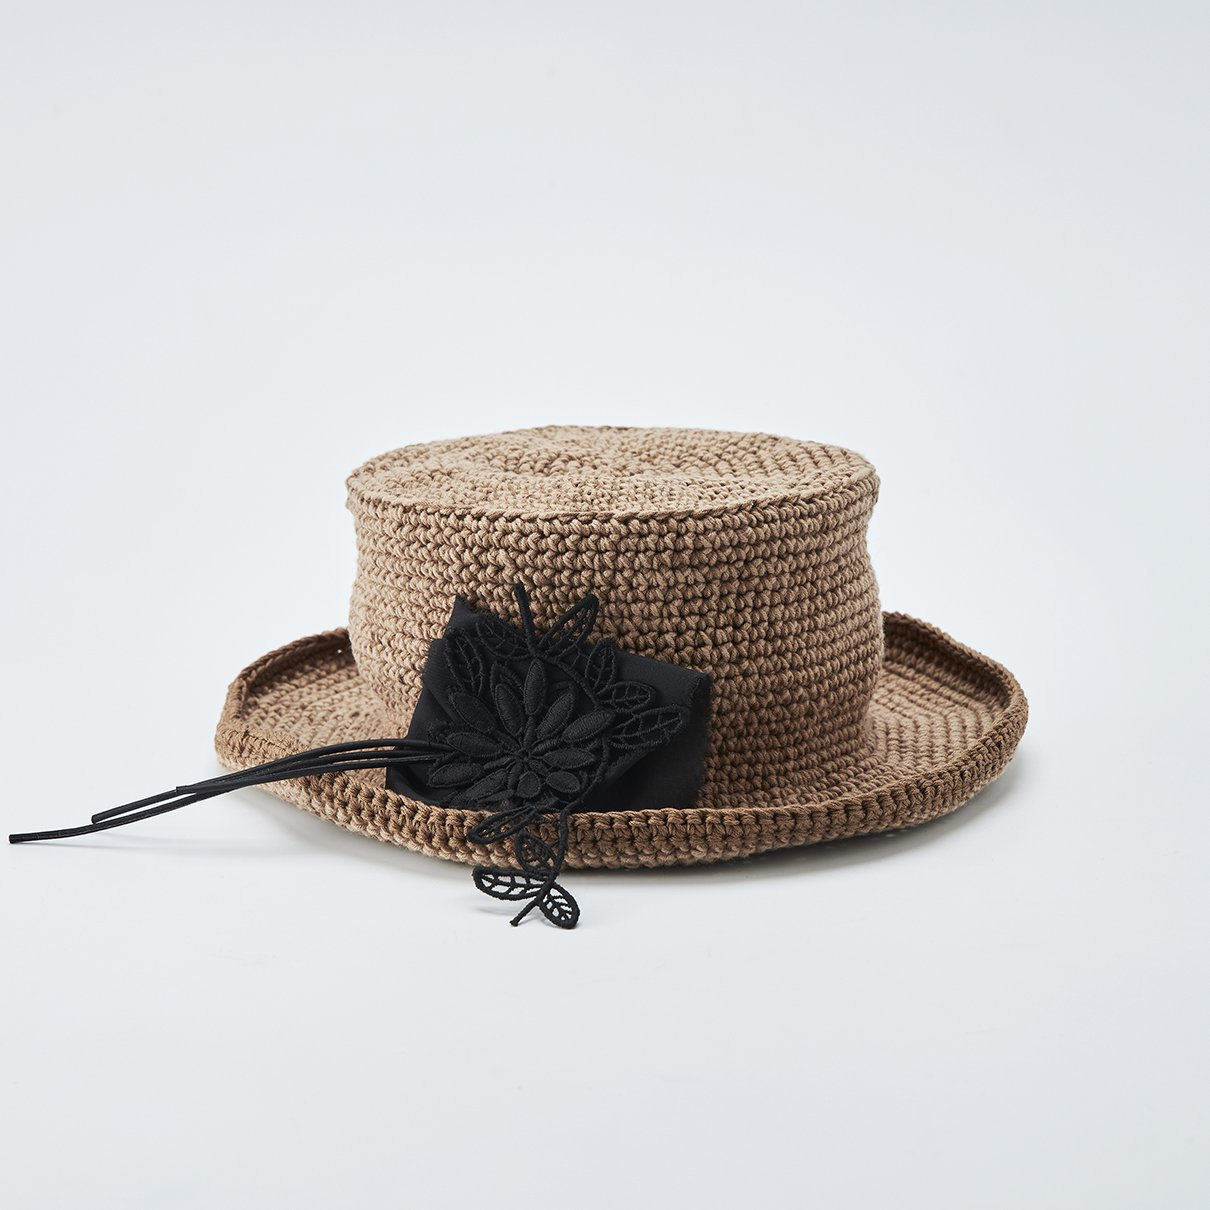 コサージュがポイントの帽子